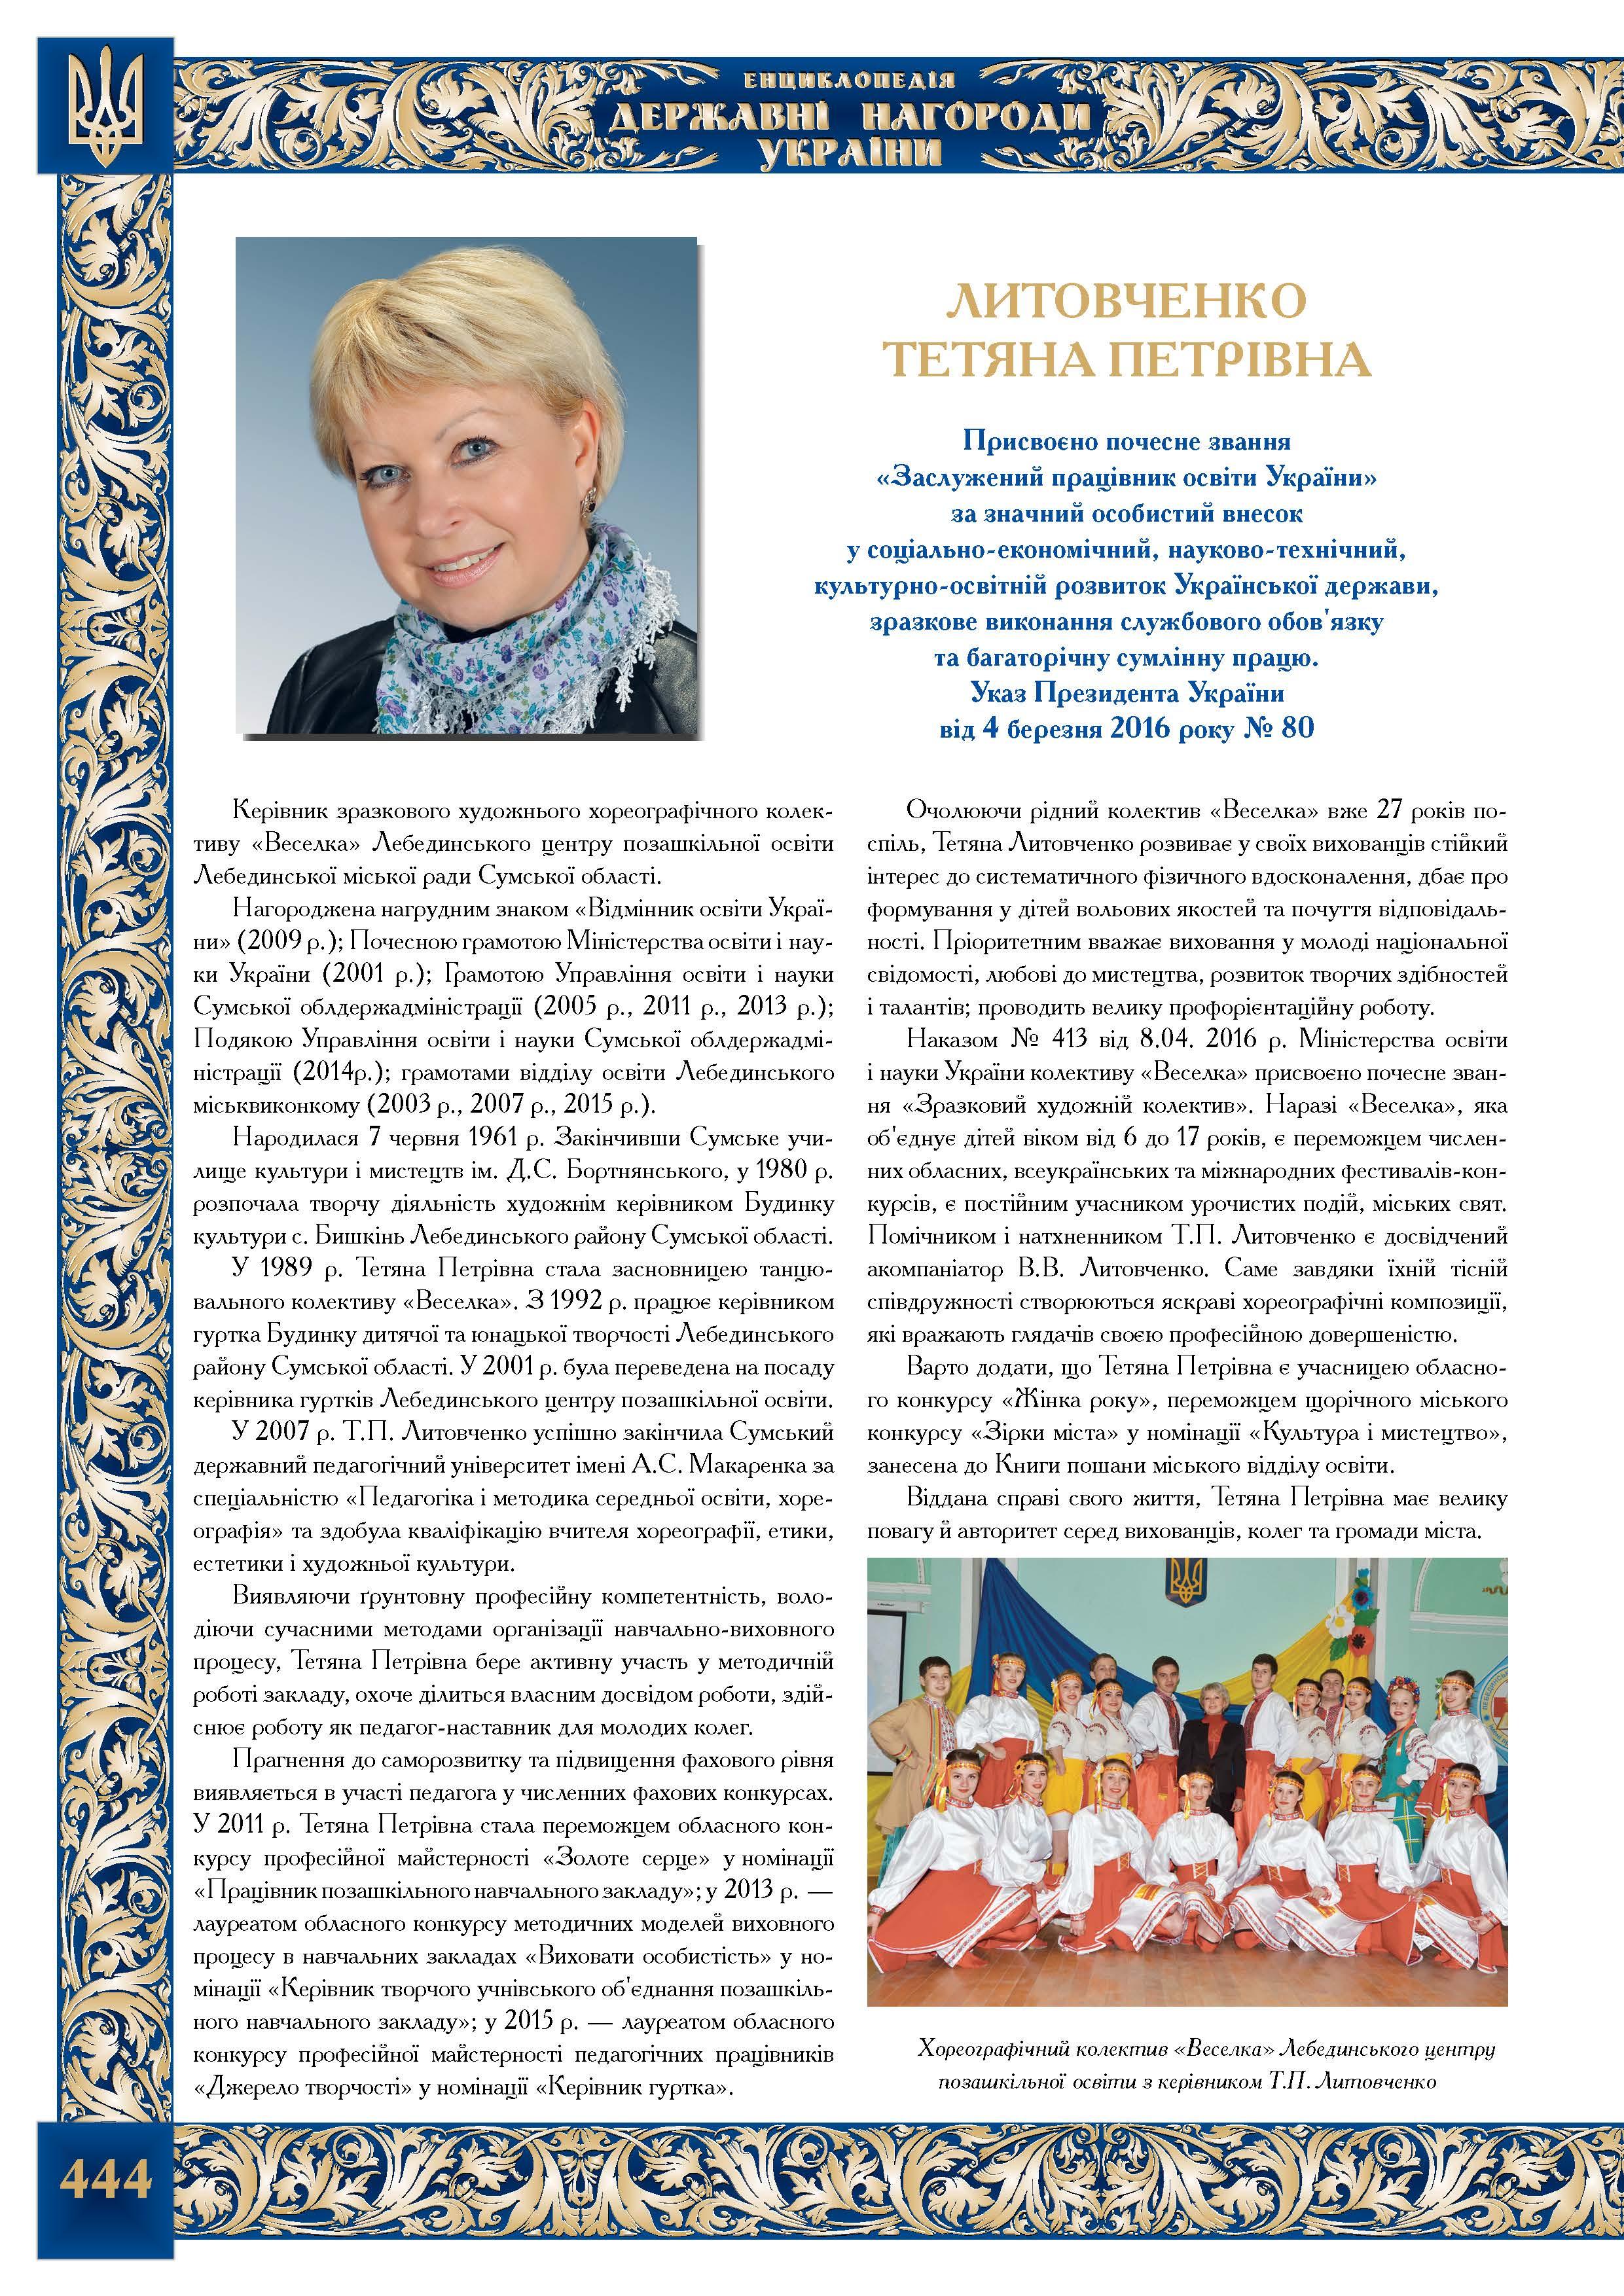 Литовченко Тетяна Петрівна